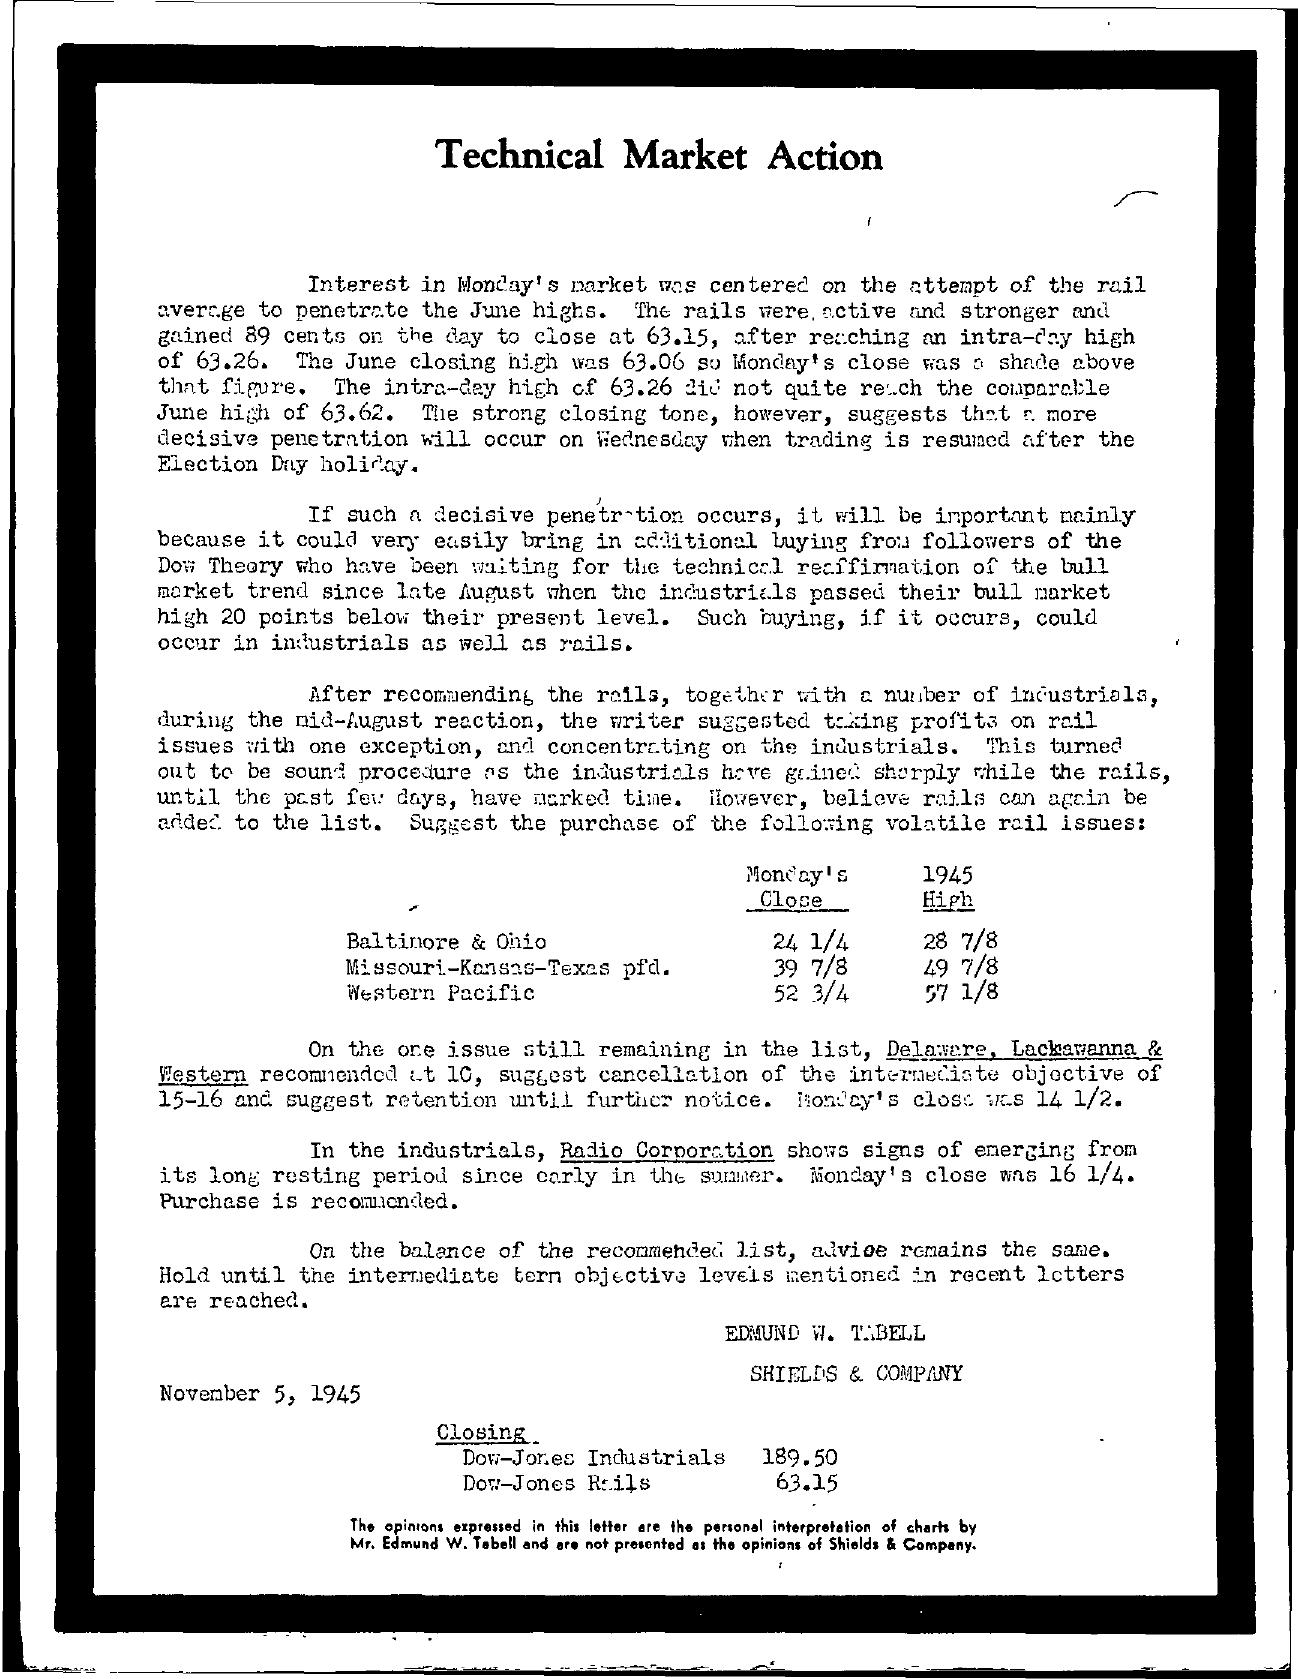 Tabell's Market Letter - November 05, 1945